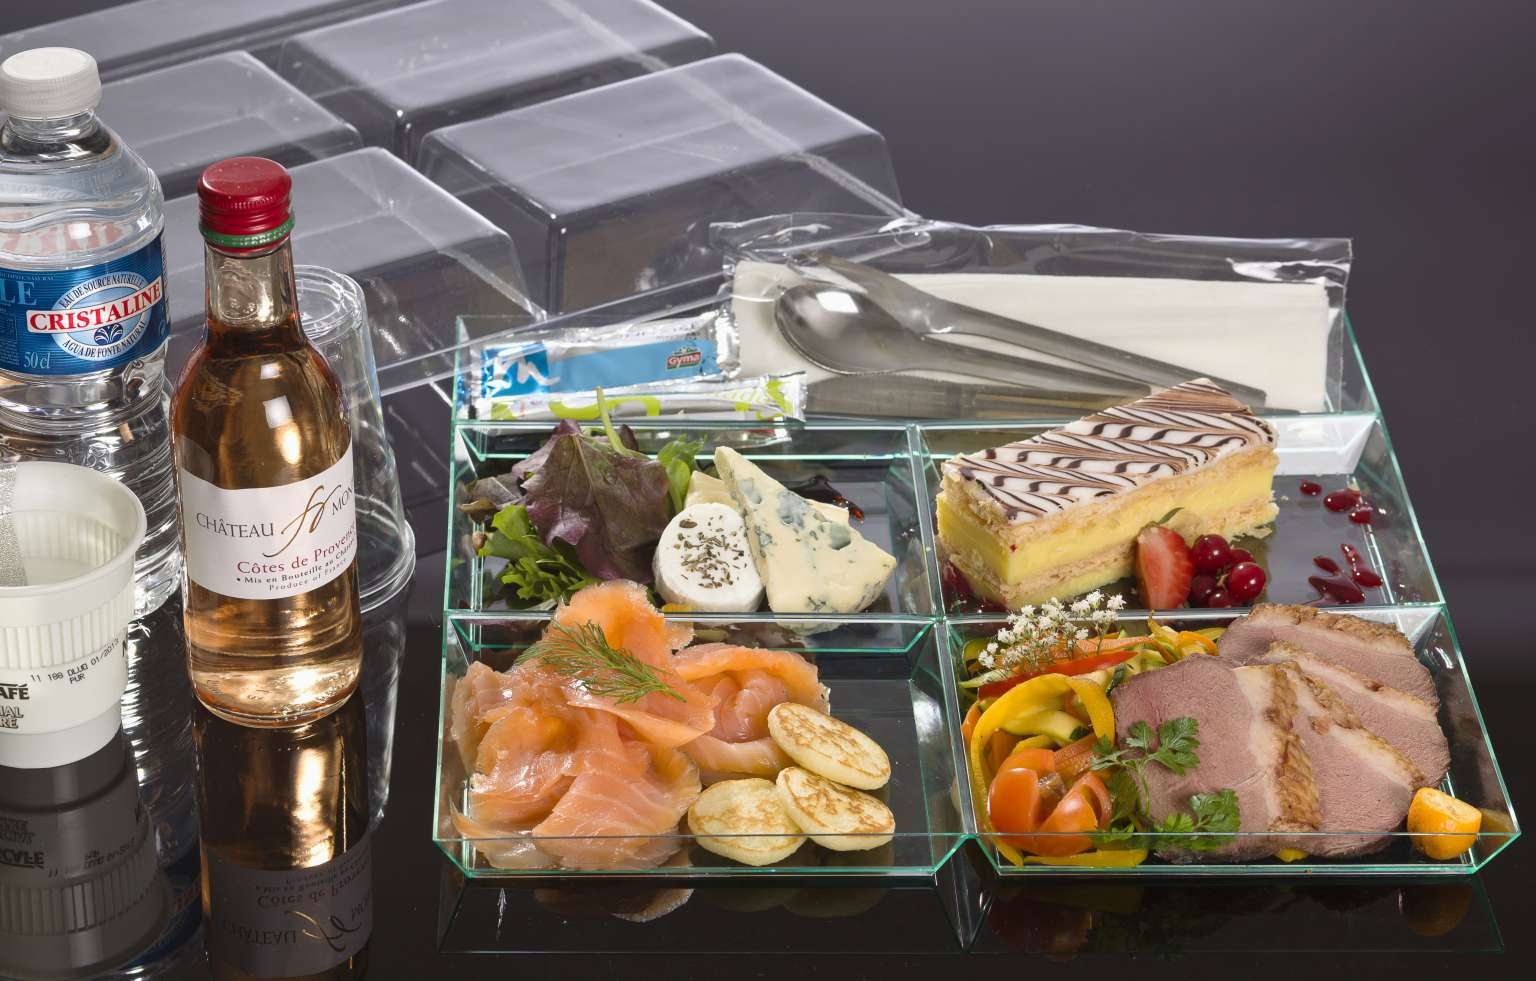 Livraison petit dej paris le repas le plus important - Livraison dejeuner au bureau ...